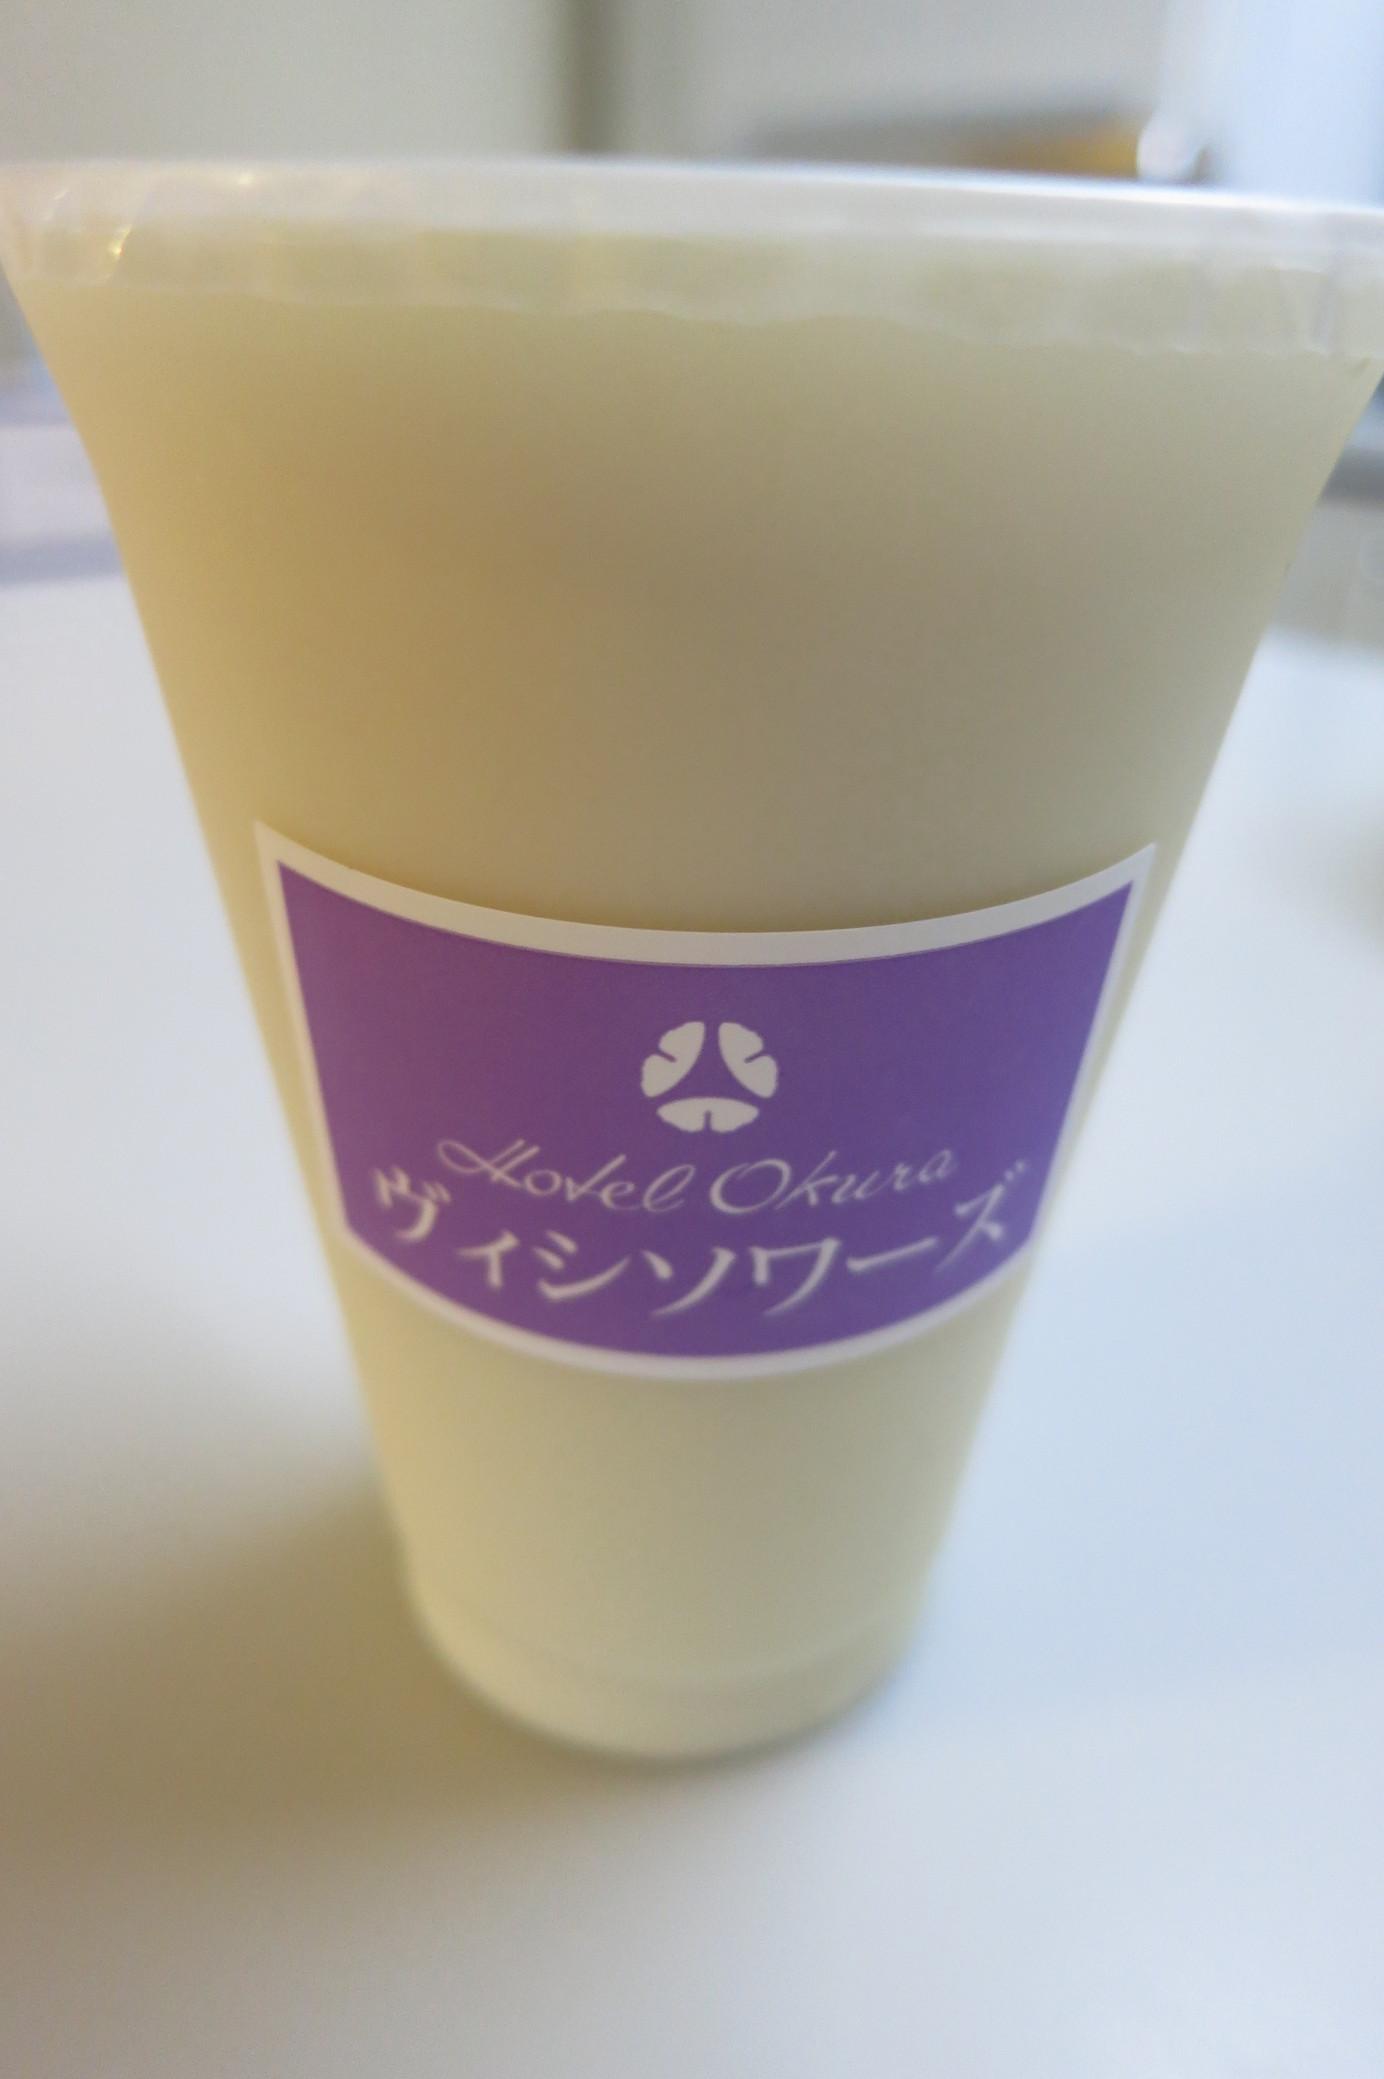 ホテルオークラ 浅草松屋店